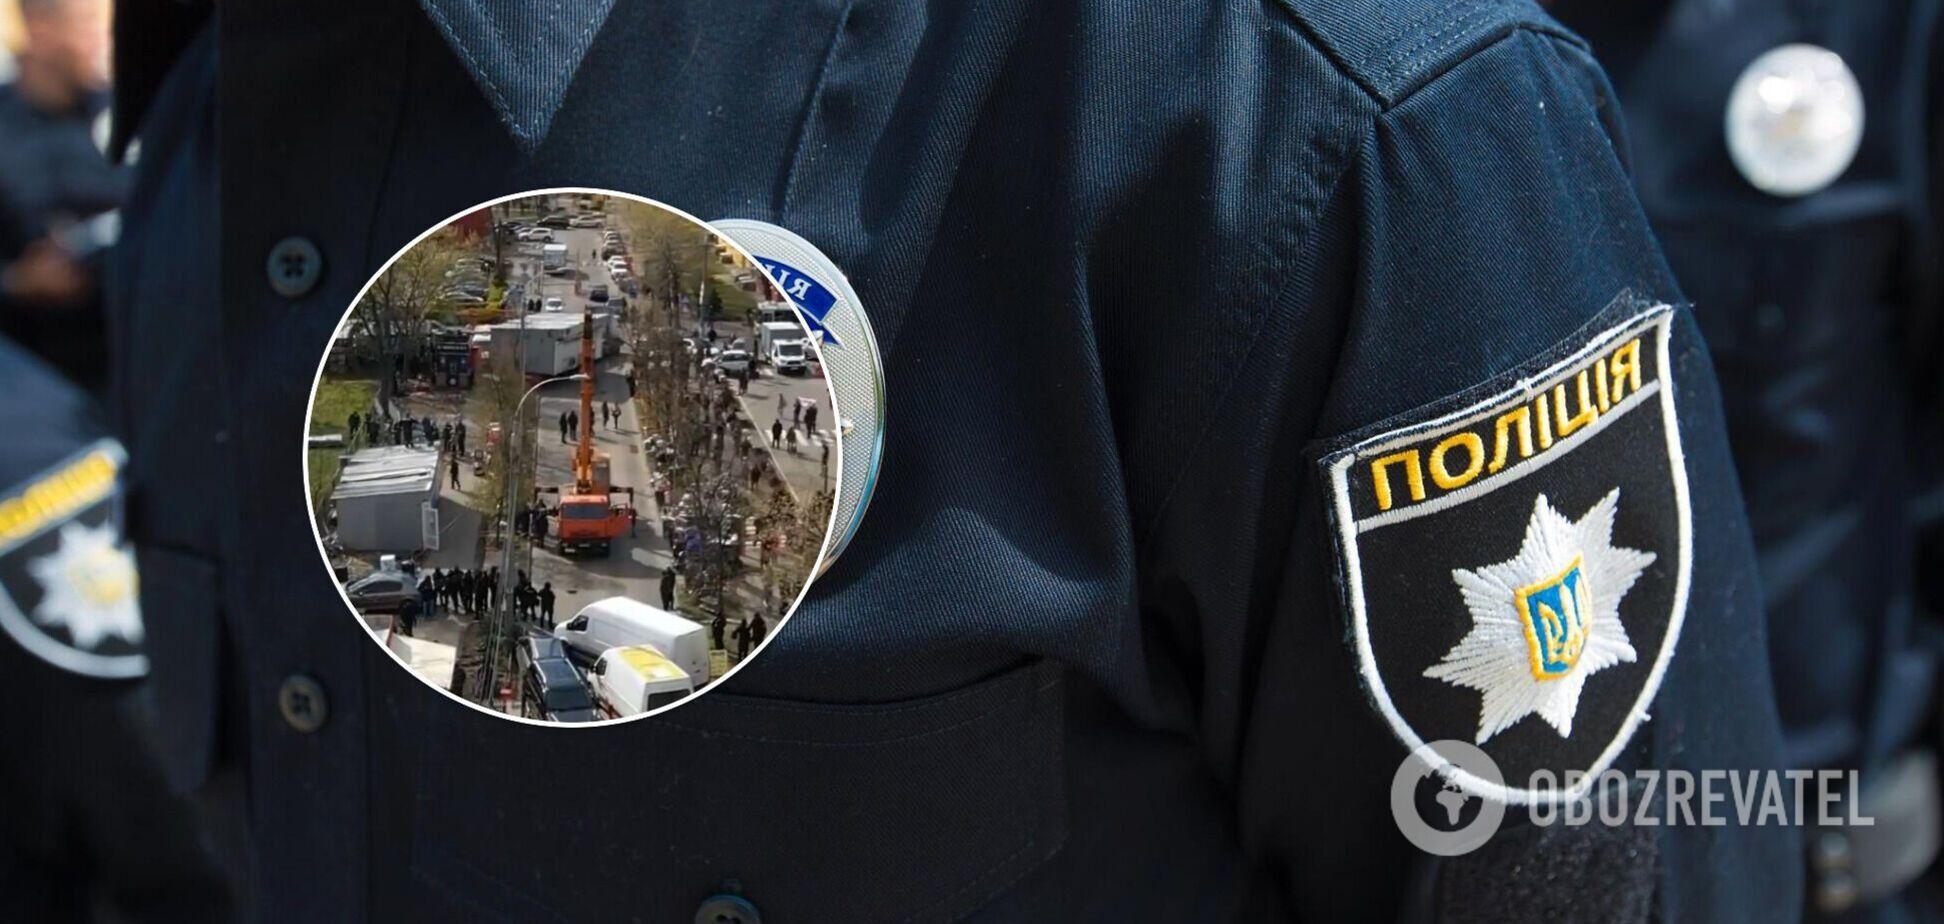 Для охорони порядку задіяли 200 правоохоронців